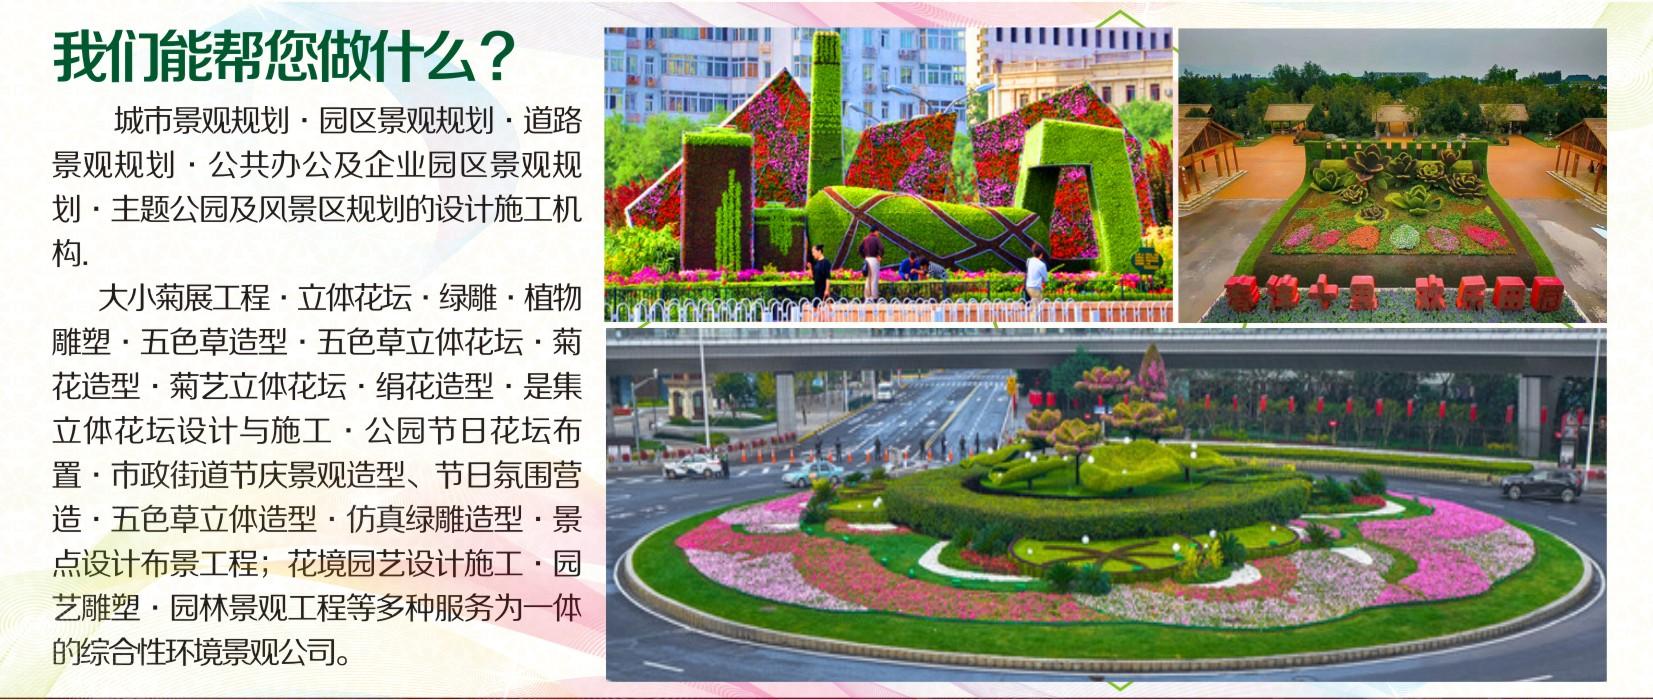 市政绿雕.jpg